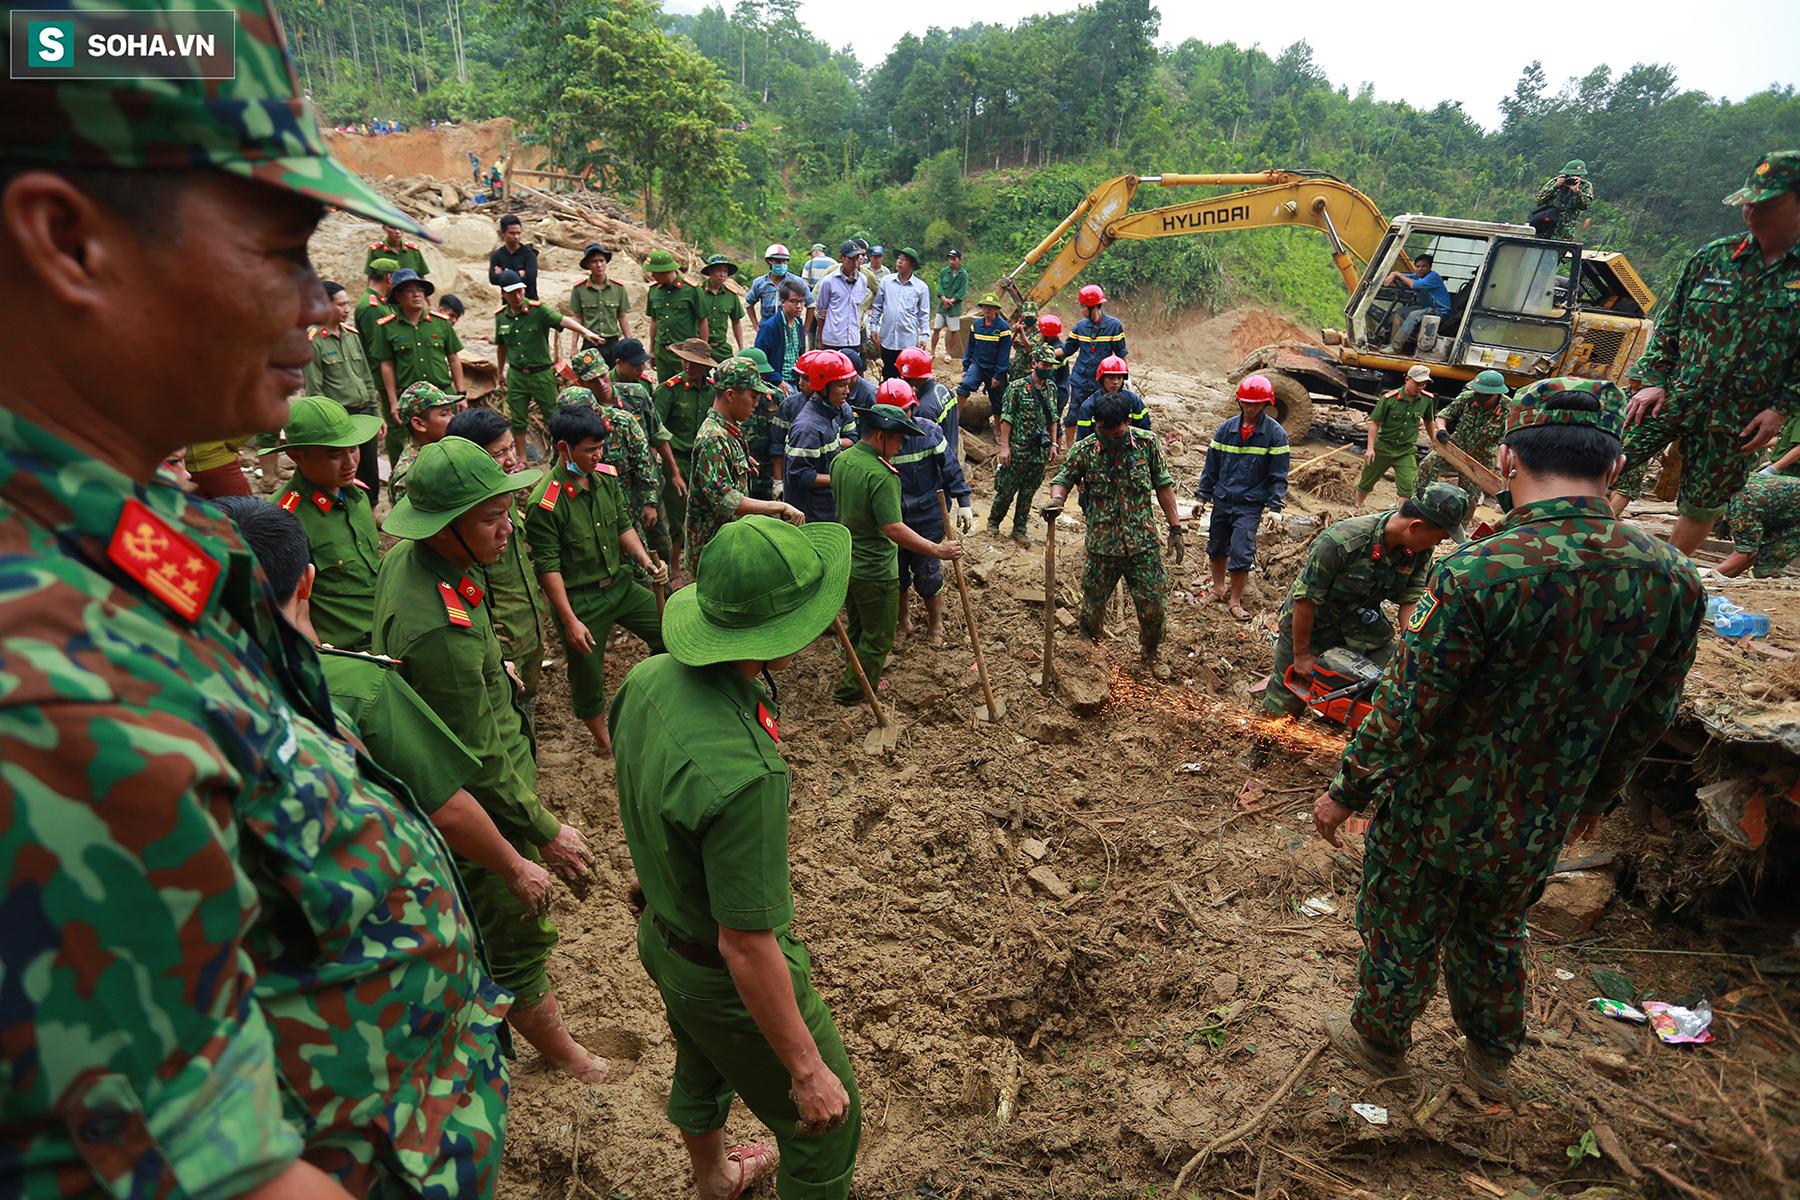 [Ảnh] Dân làng khóc nghẹn khi tìm thấy bé trai 10 tháng tuổi dưới lớp bùn đất vụ sạt lở ở Trà Leng - Ảnh 12.